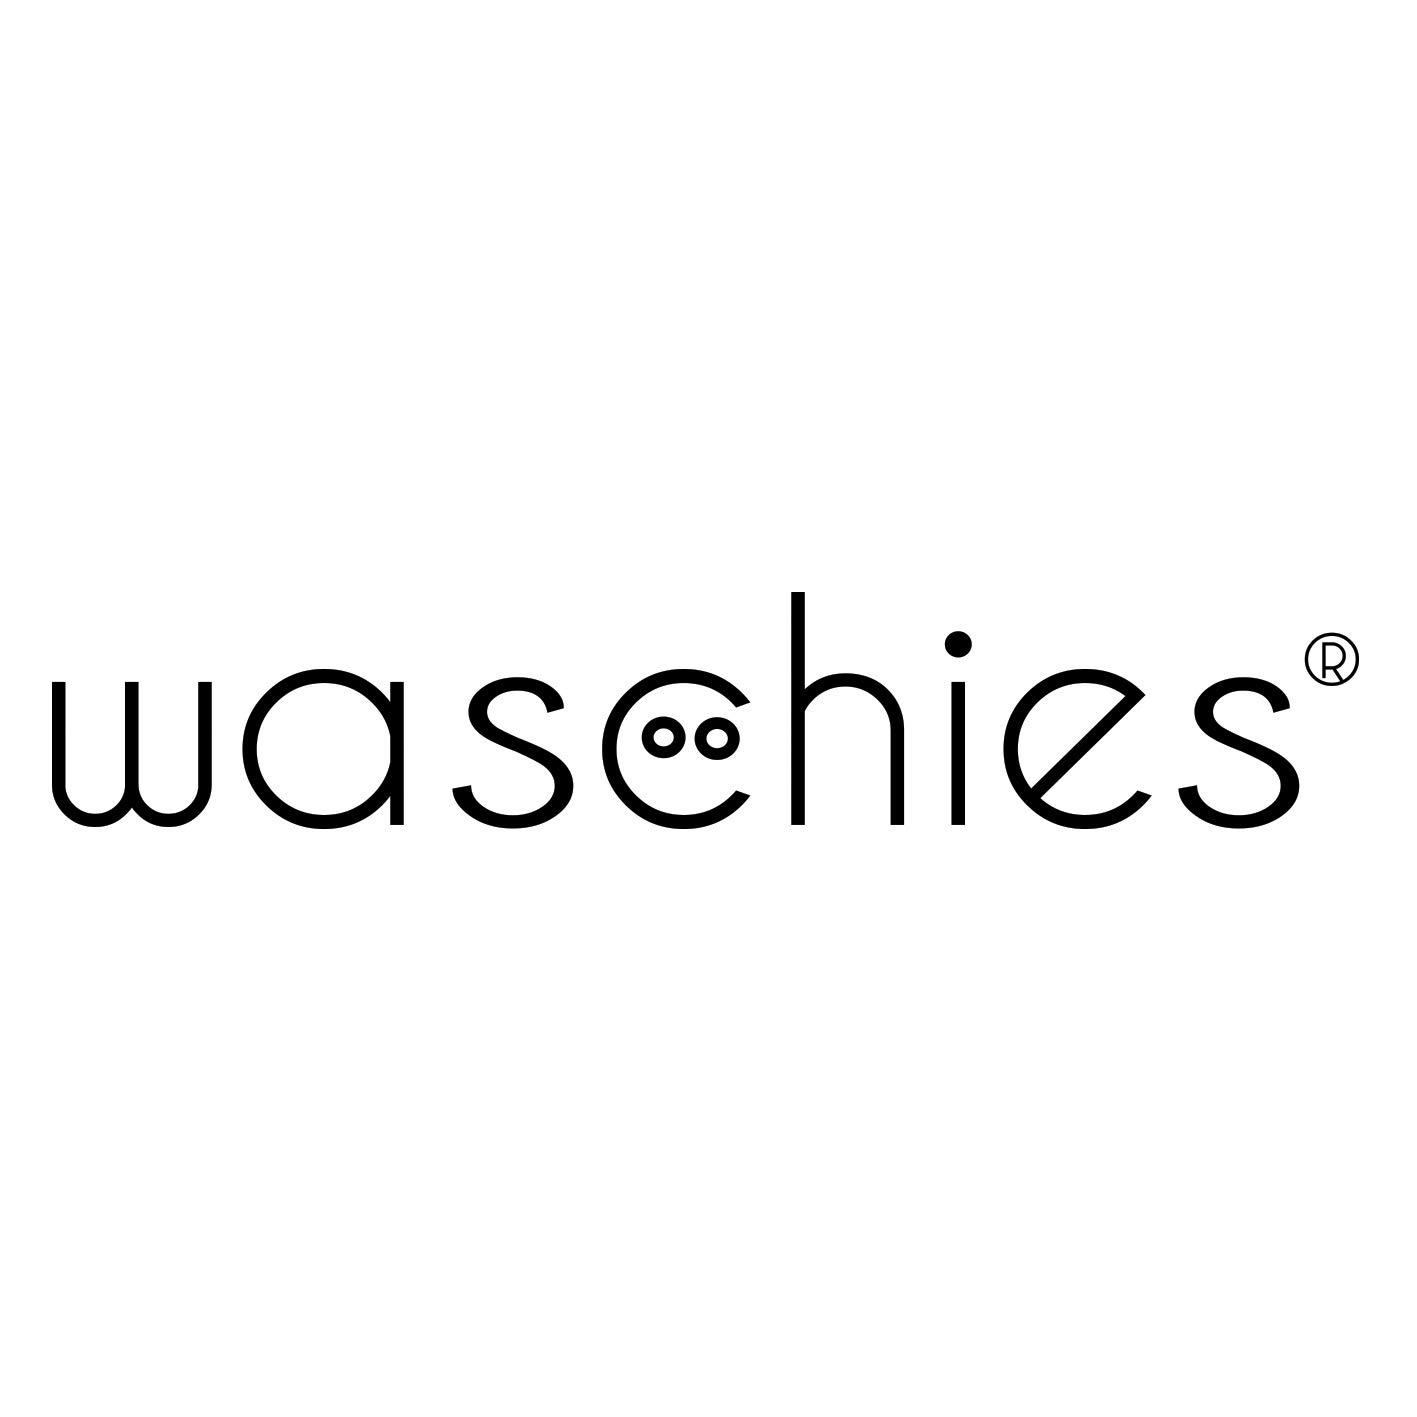 waschies waschhandschuh